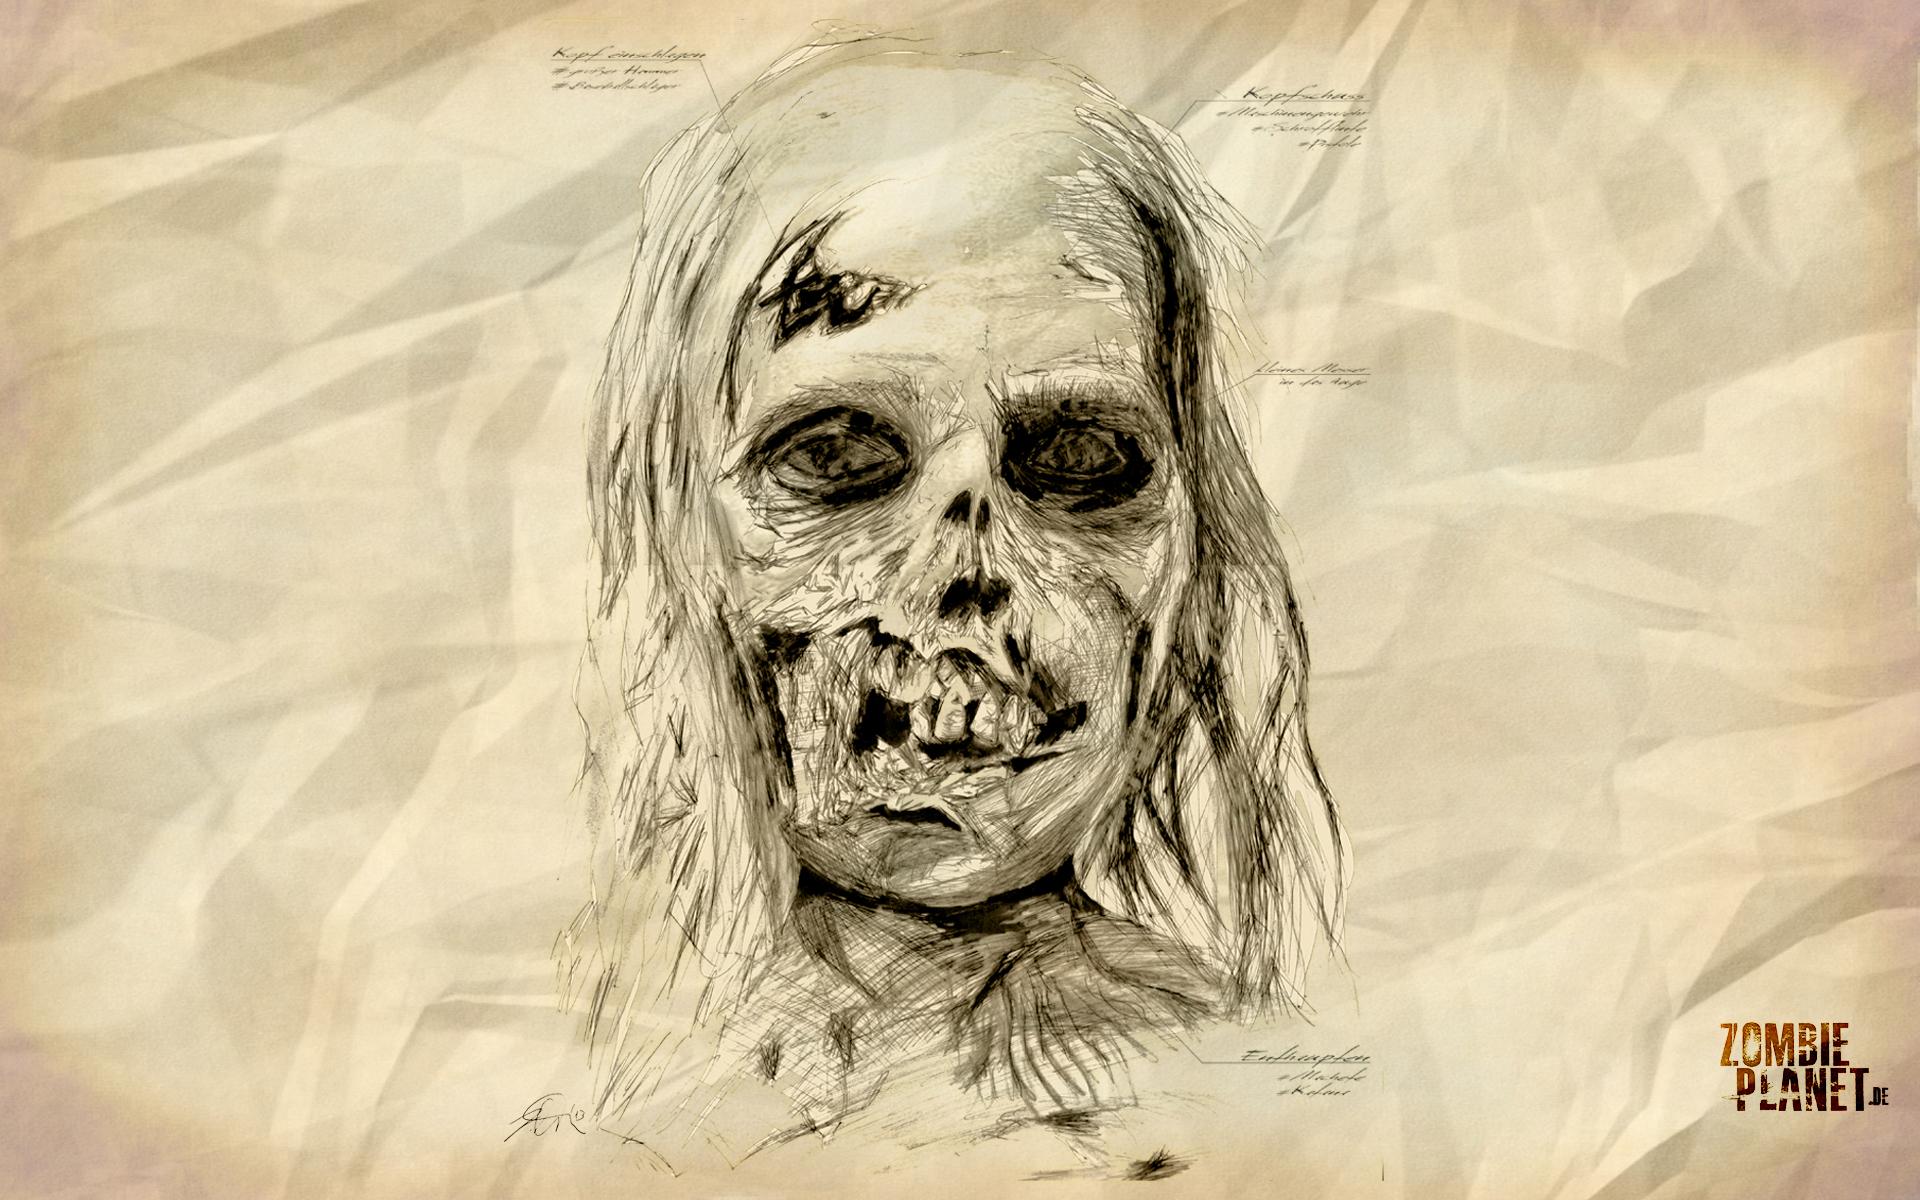 zombie wallpaper von planet -#main